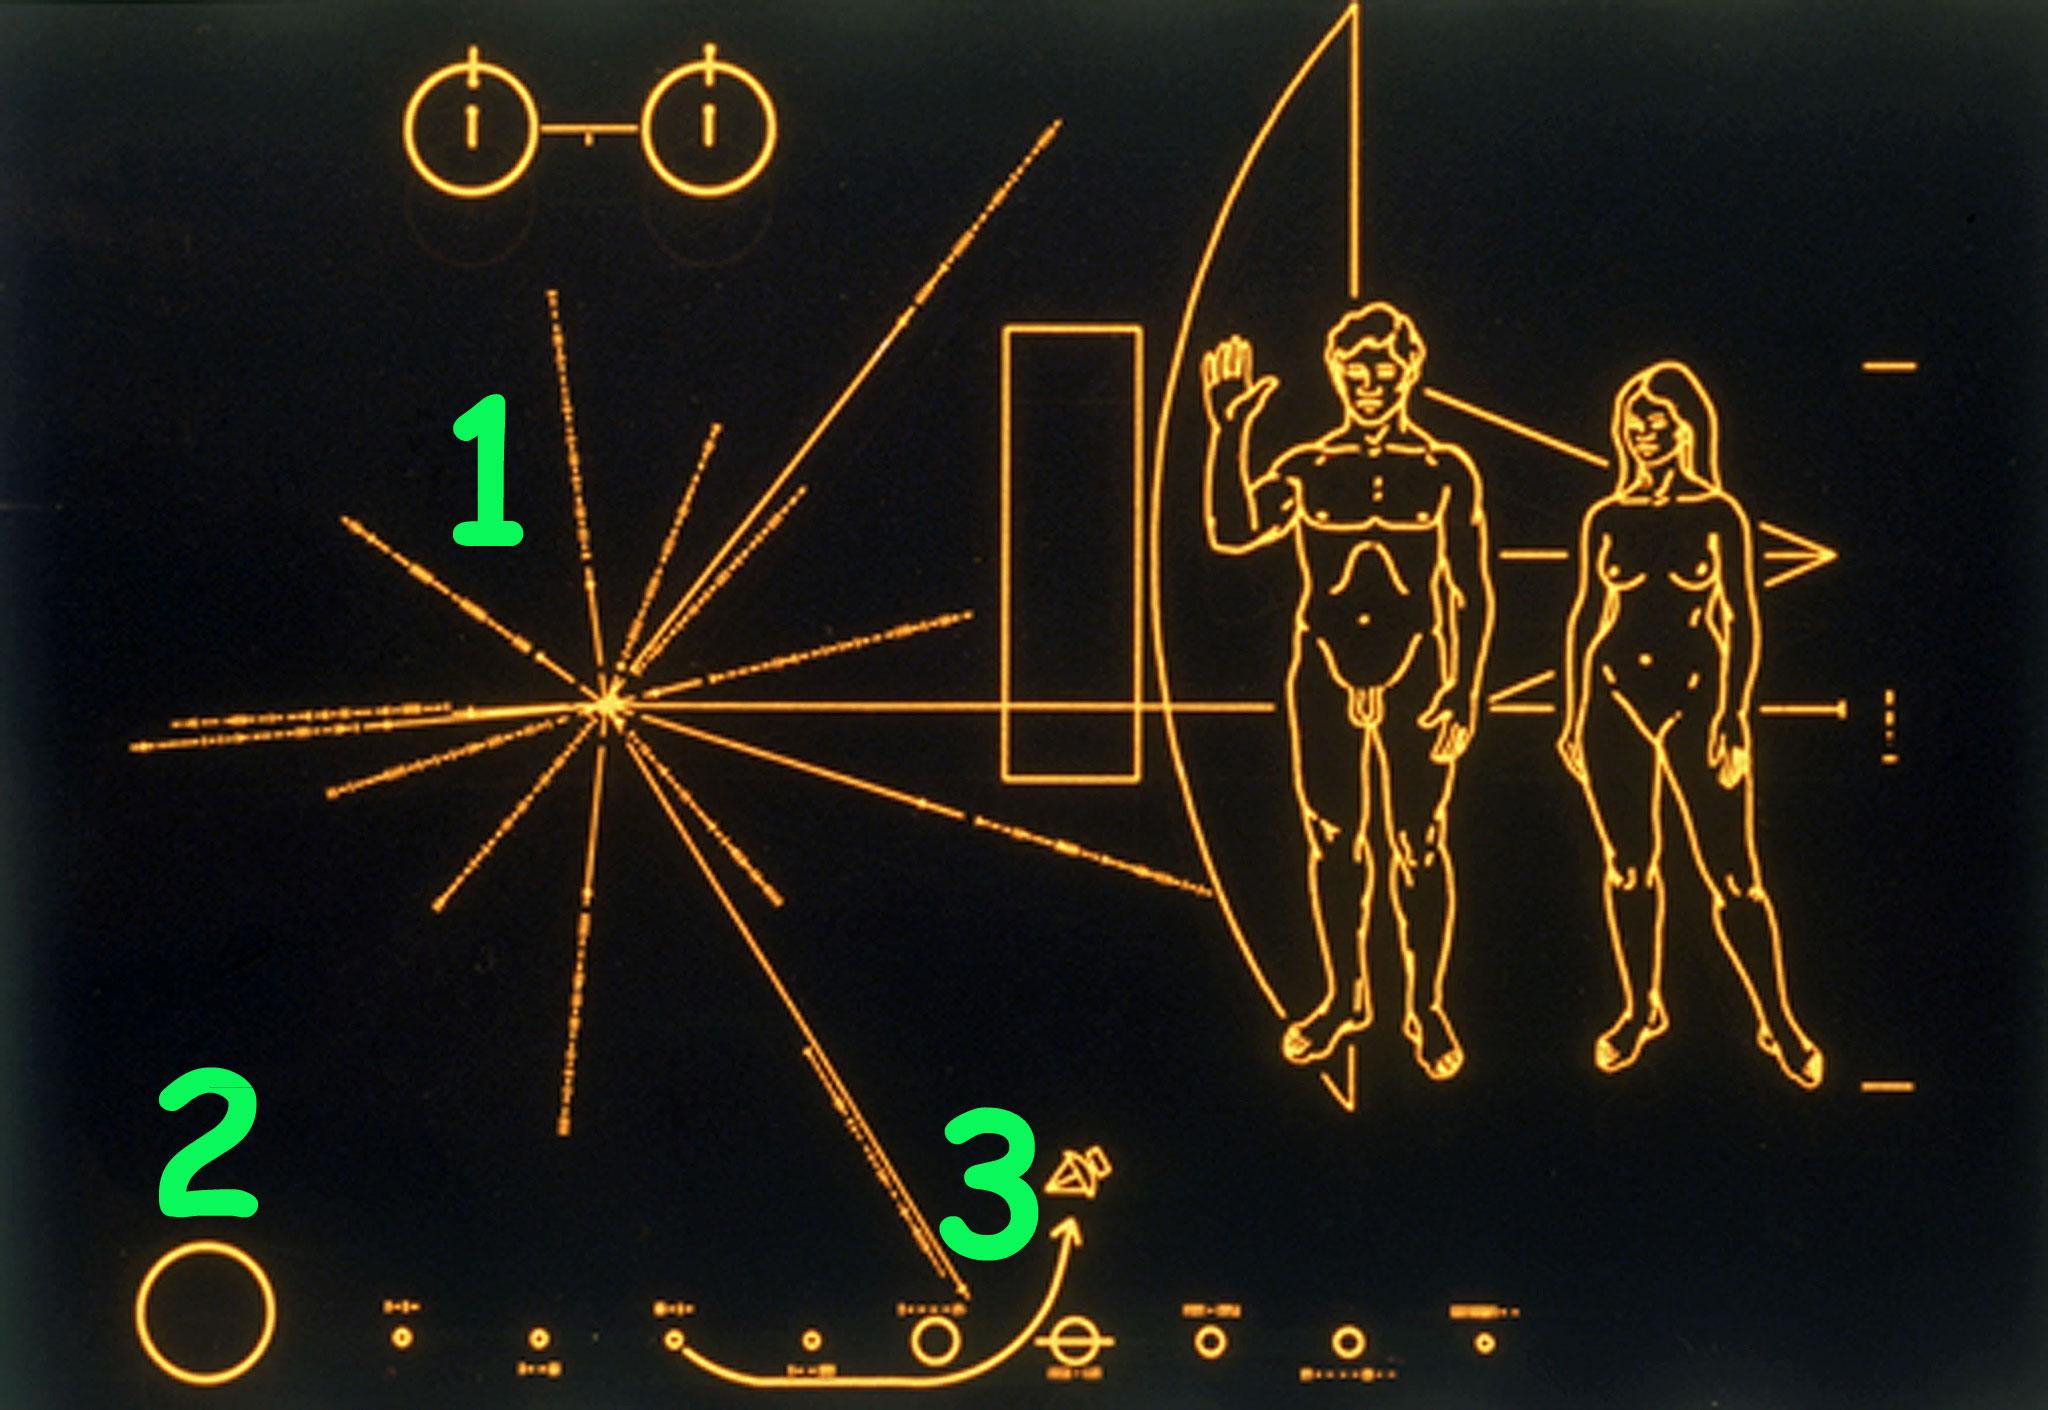 Placa con números 1, 2 y 3